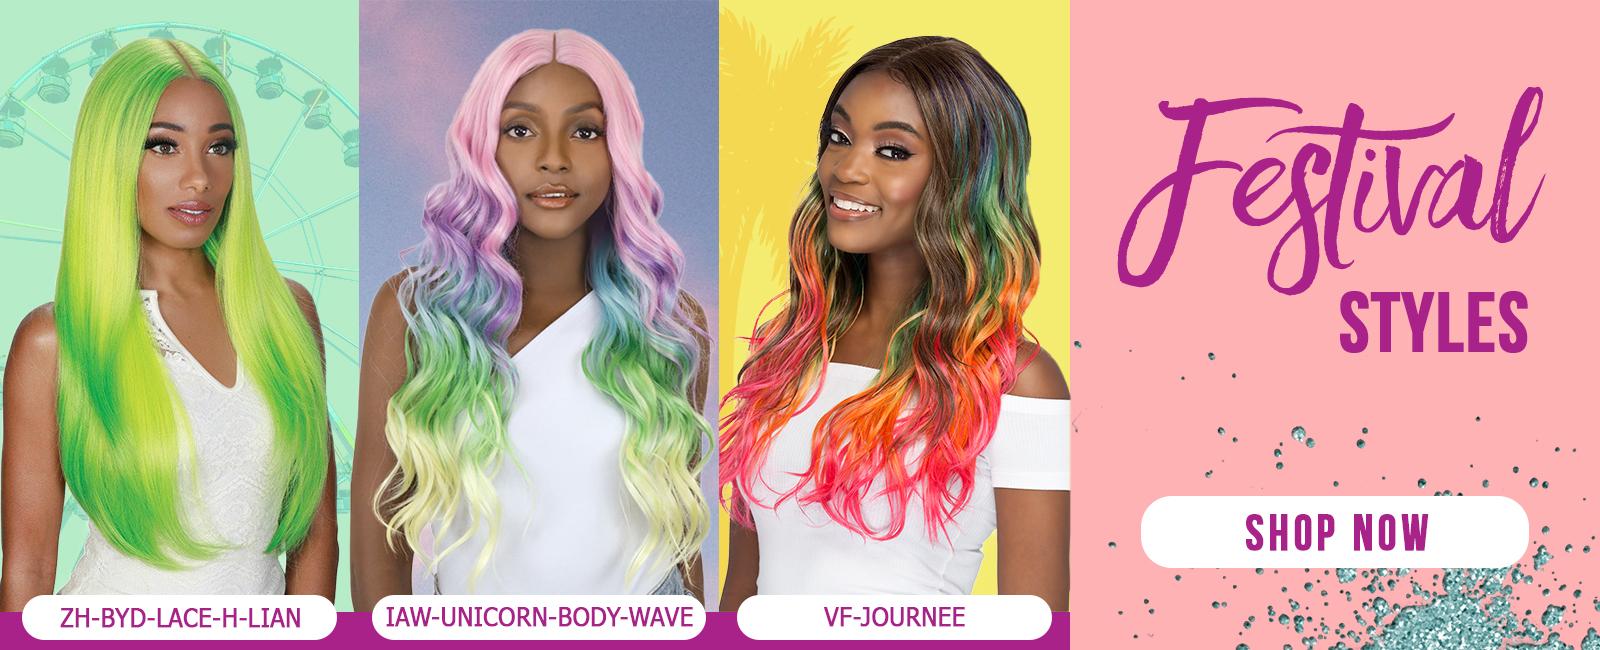 2020-03-pastels-mobile-v3